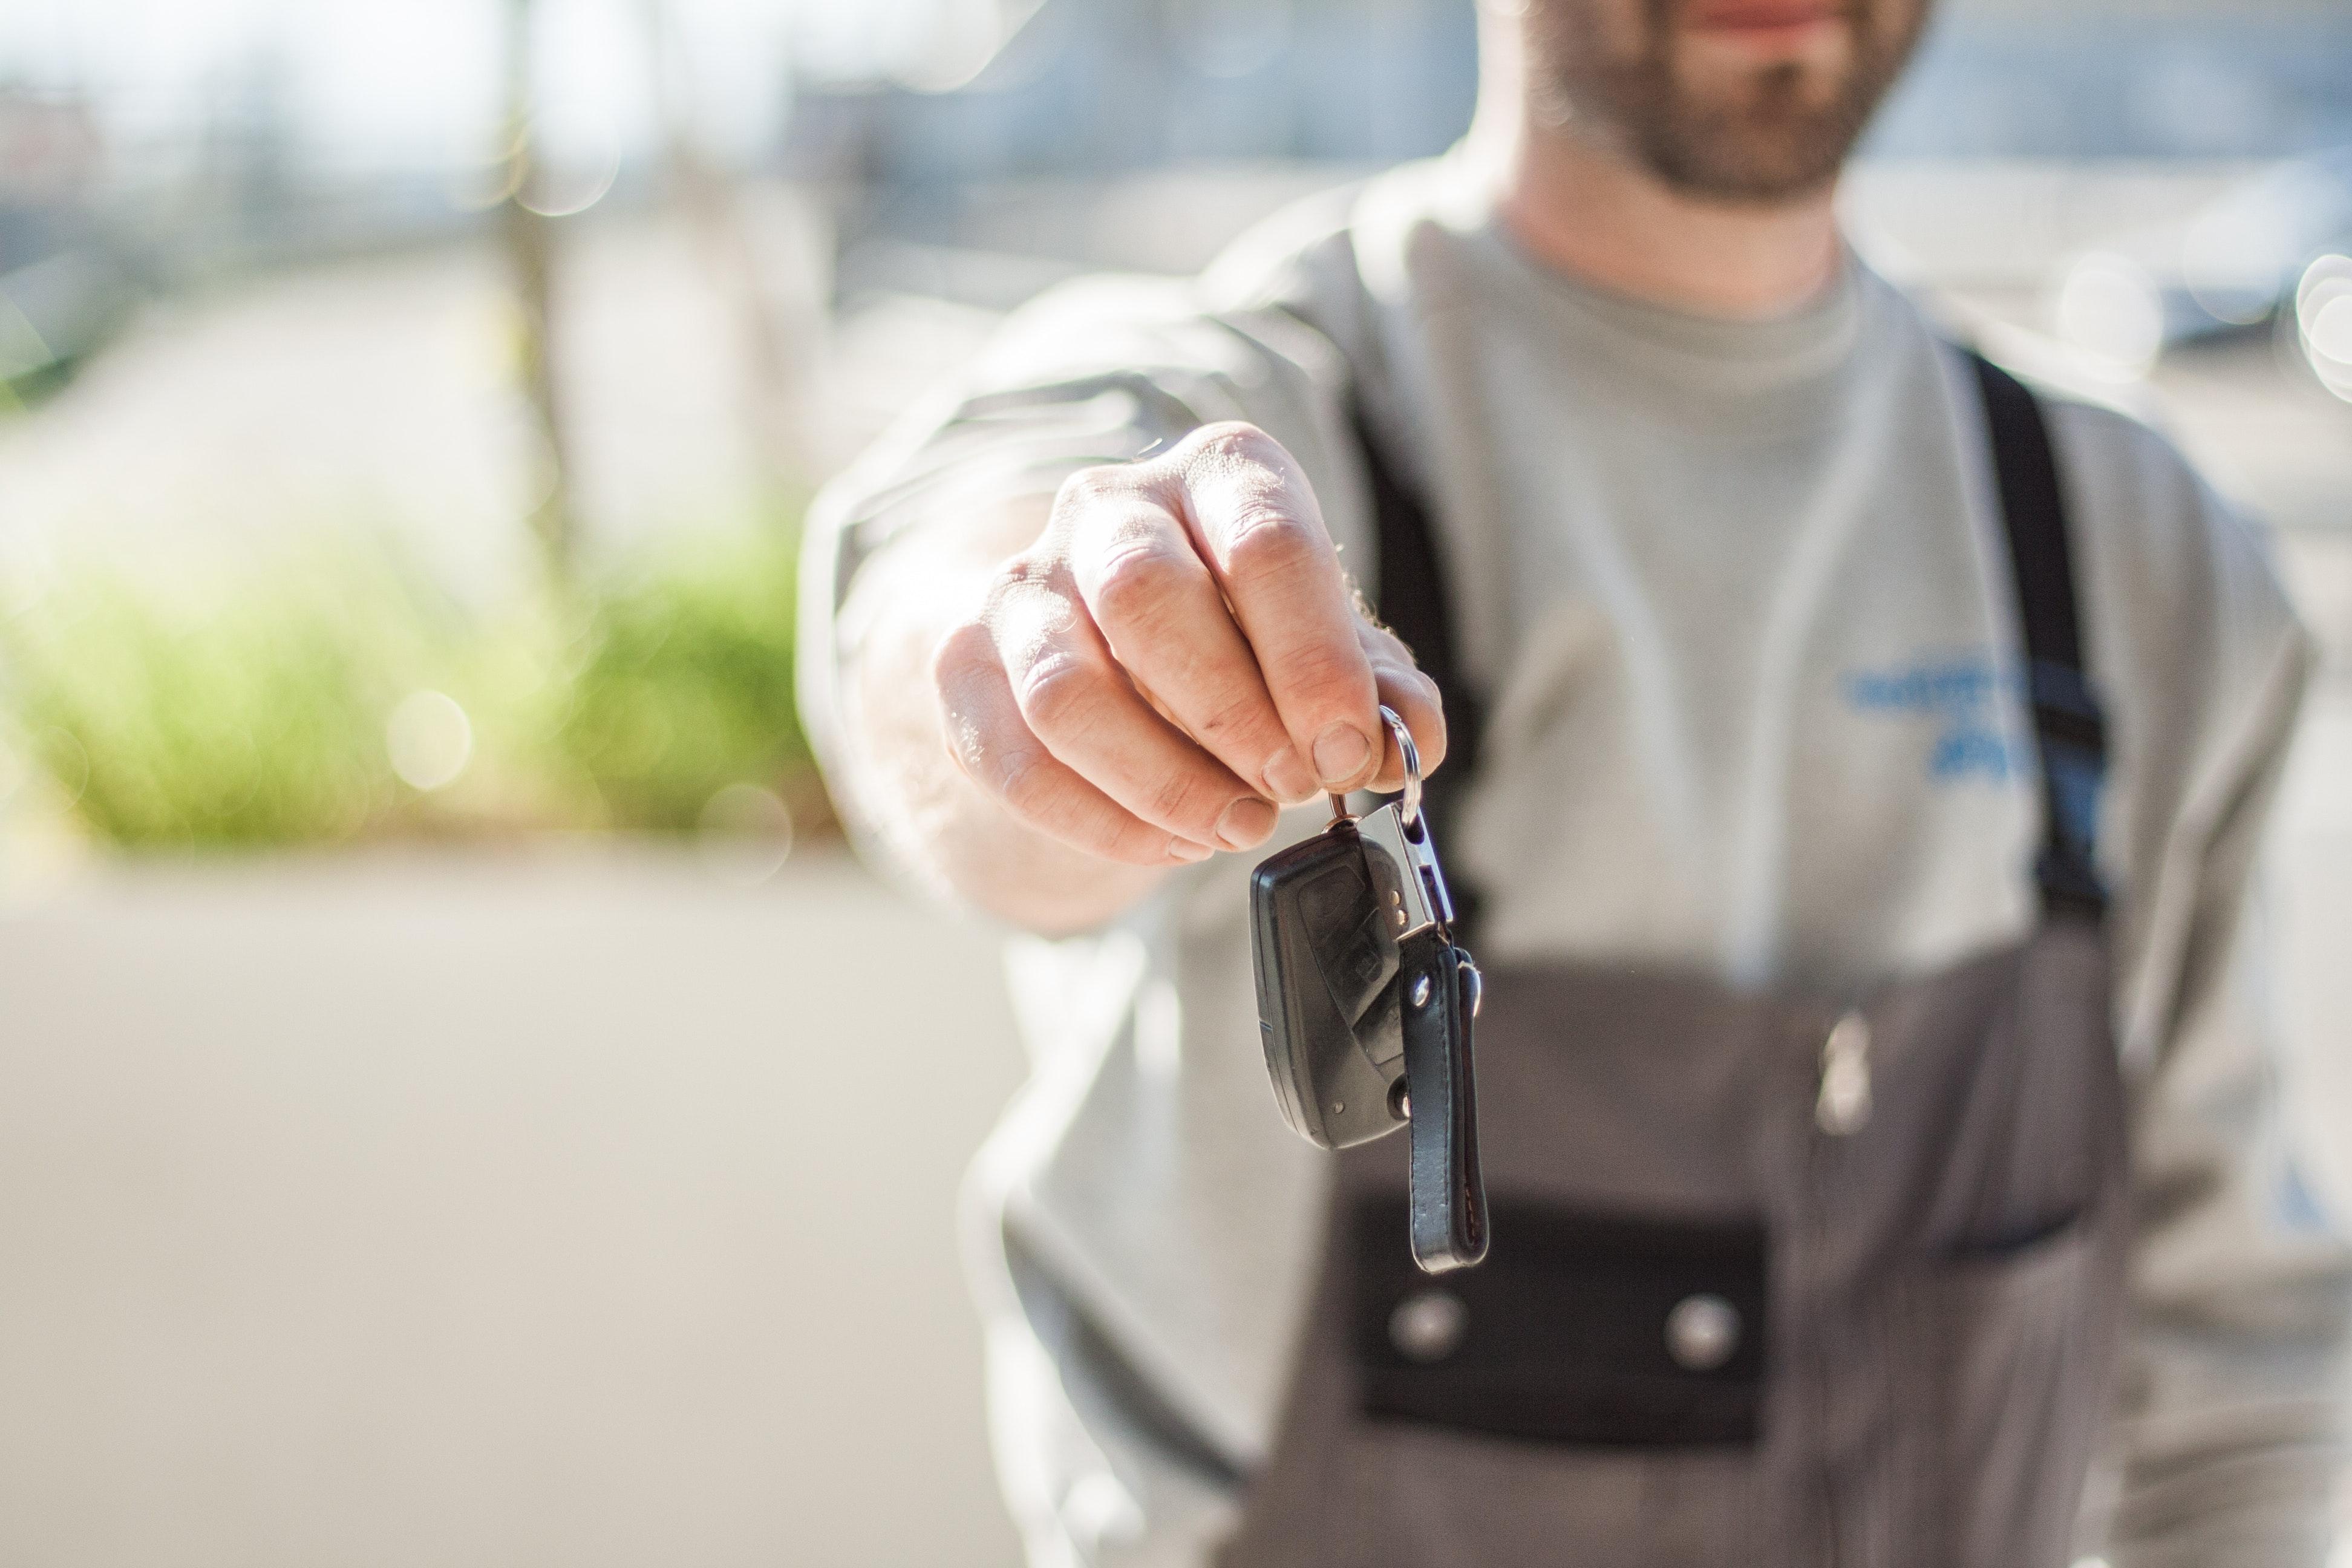 lavaggio auto a secco professionale e a domicilio